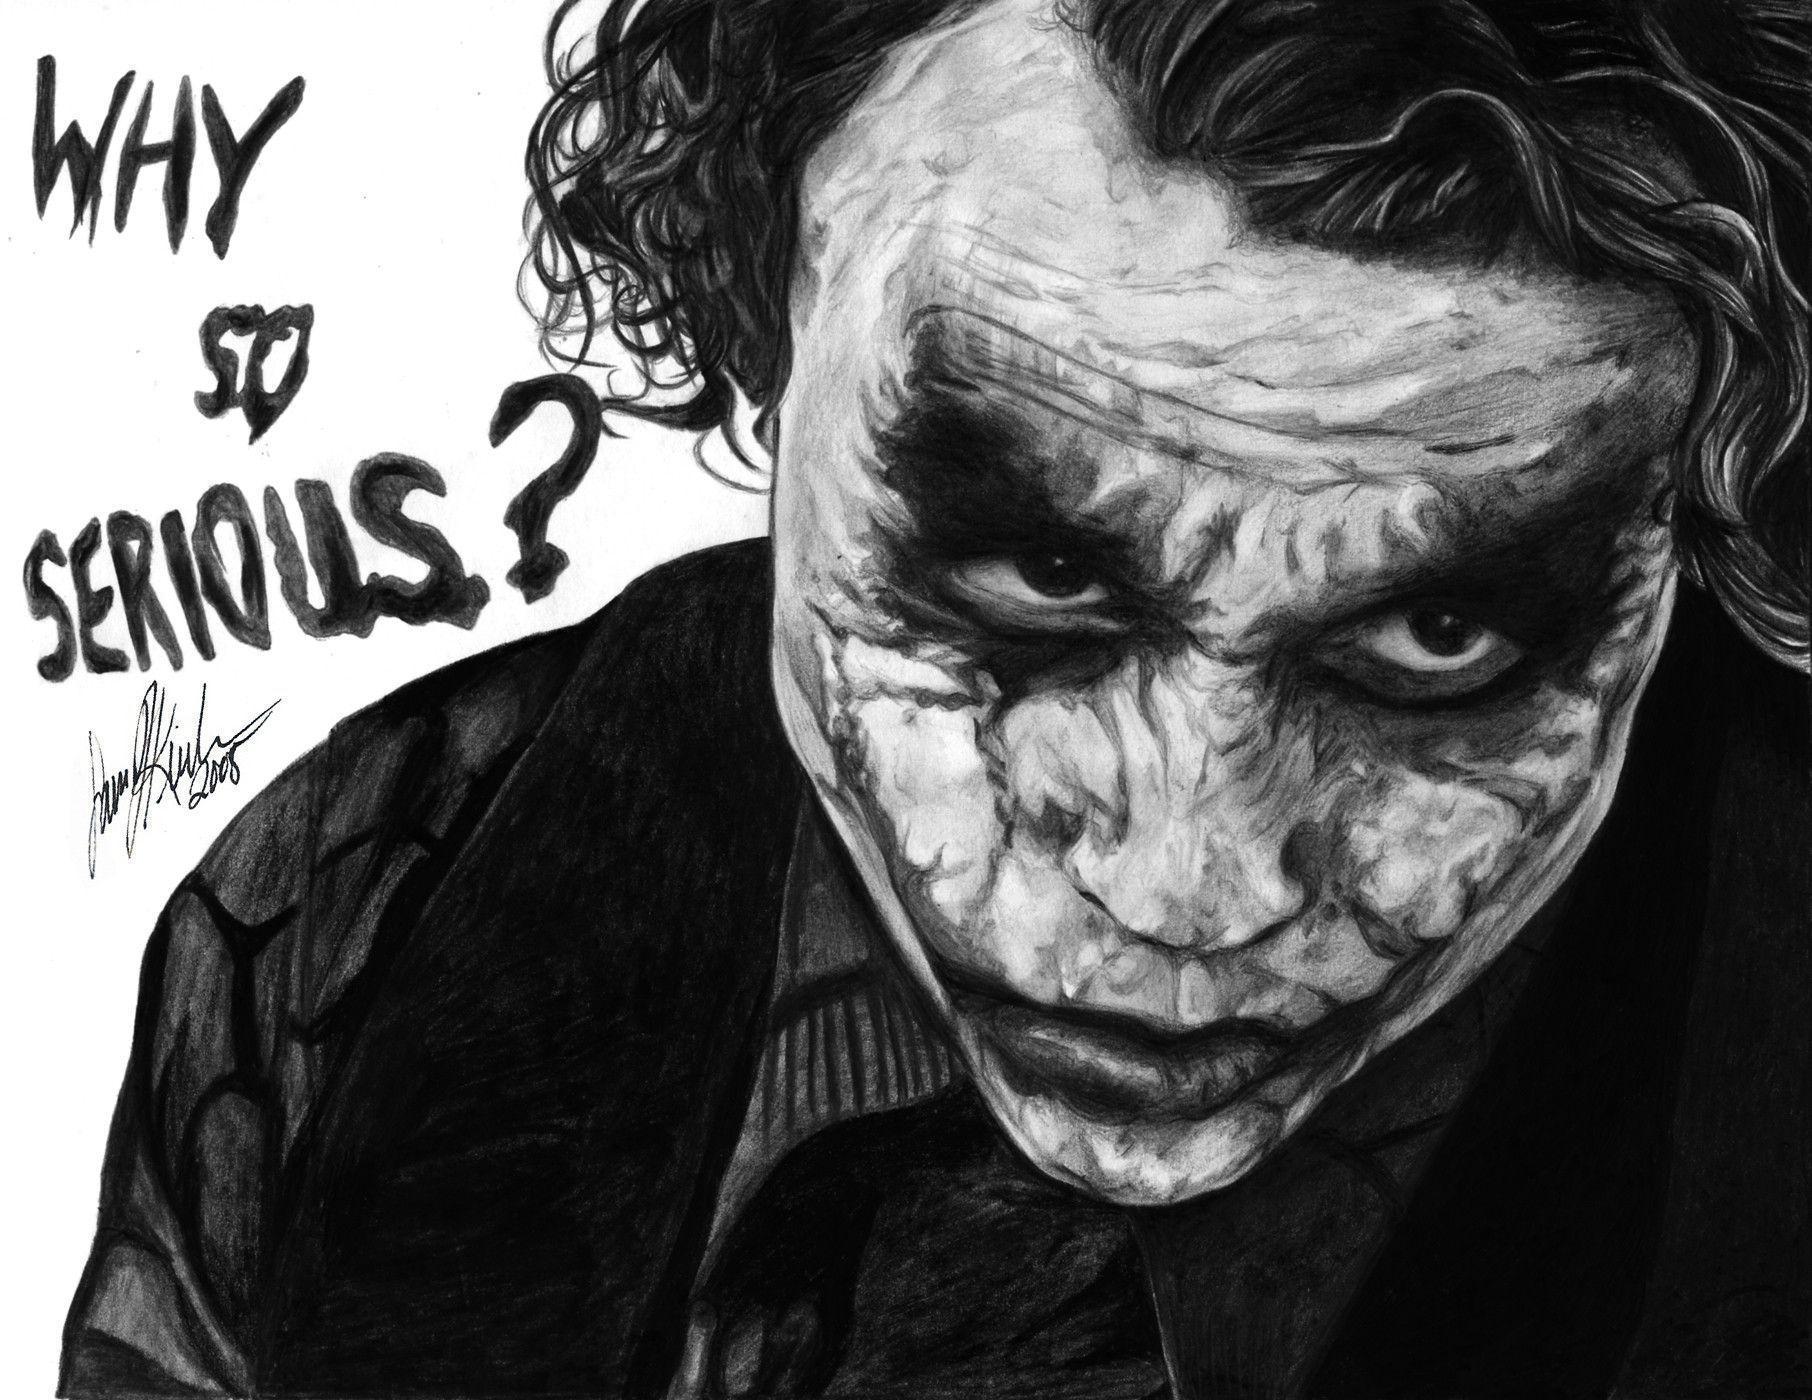 Joker Why So Serious Wallpaper - Joker ...